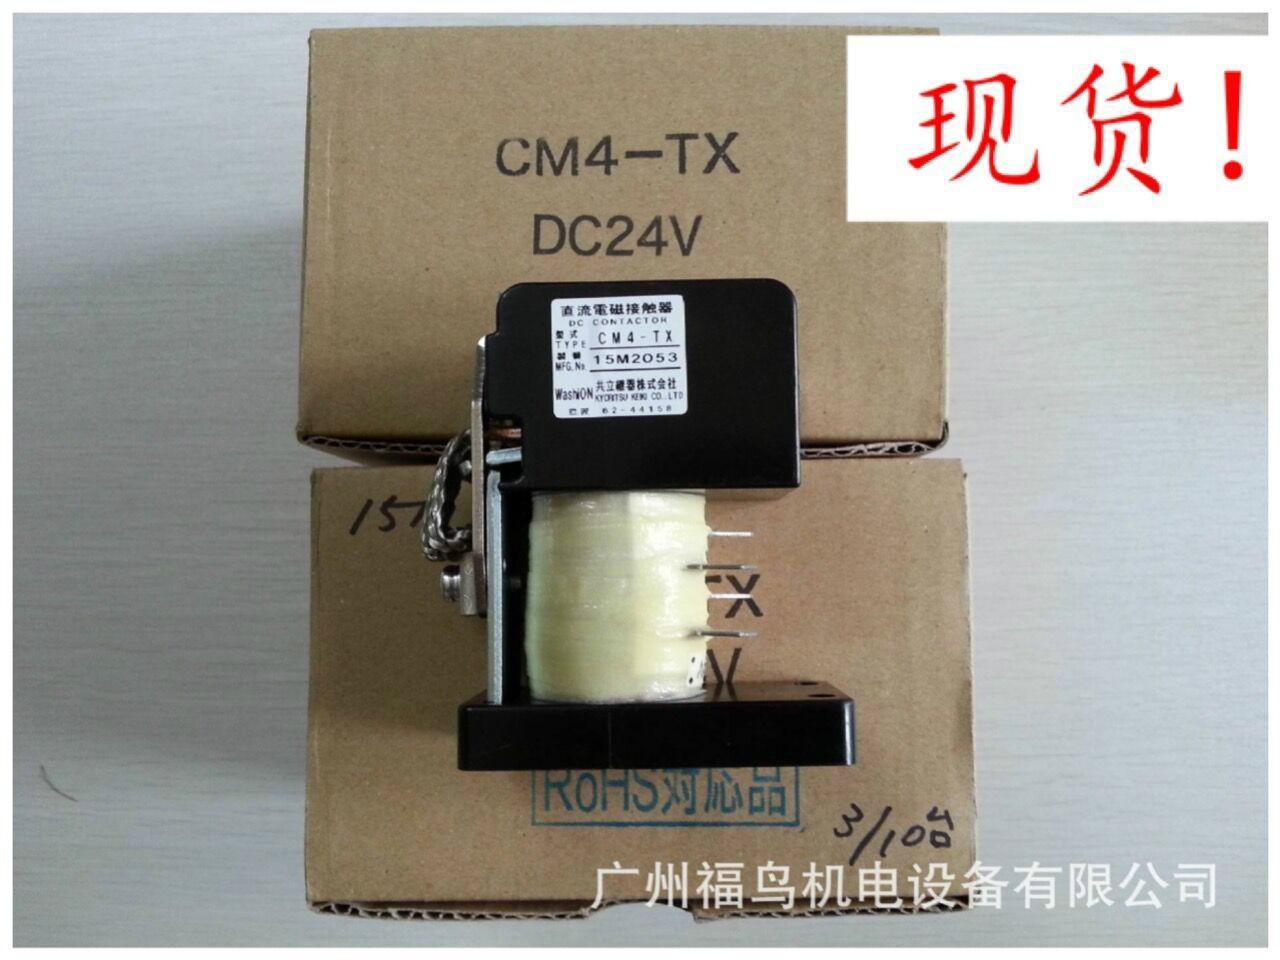 共立繼器株式會社 直流電磁接觸器, 型號: CM4-TX  DC24V